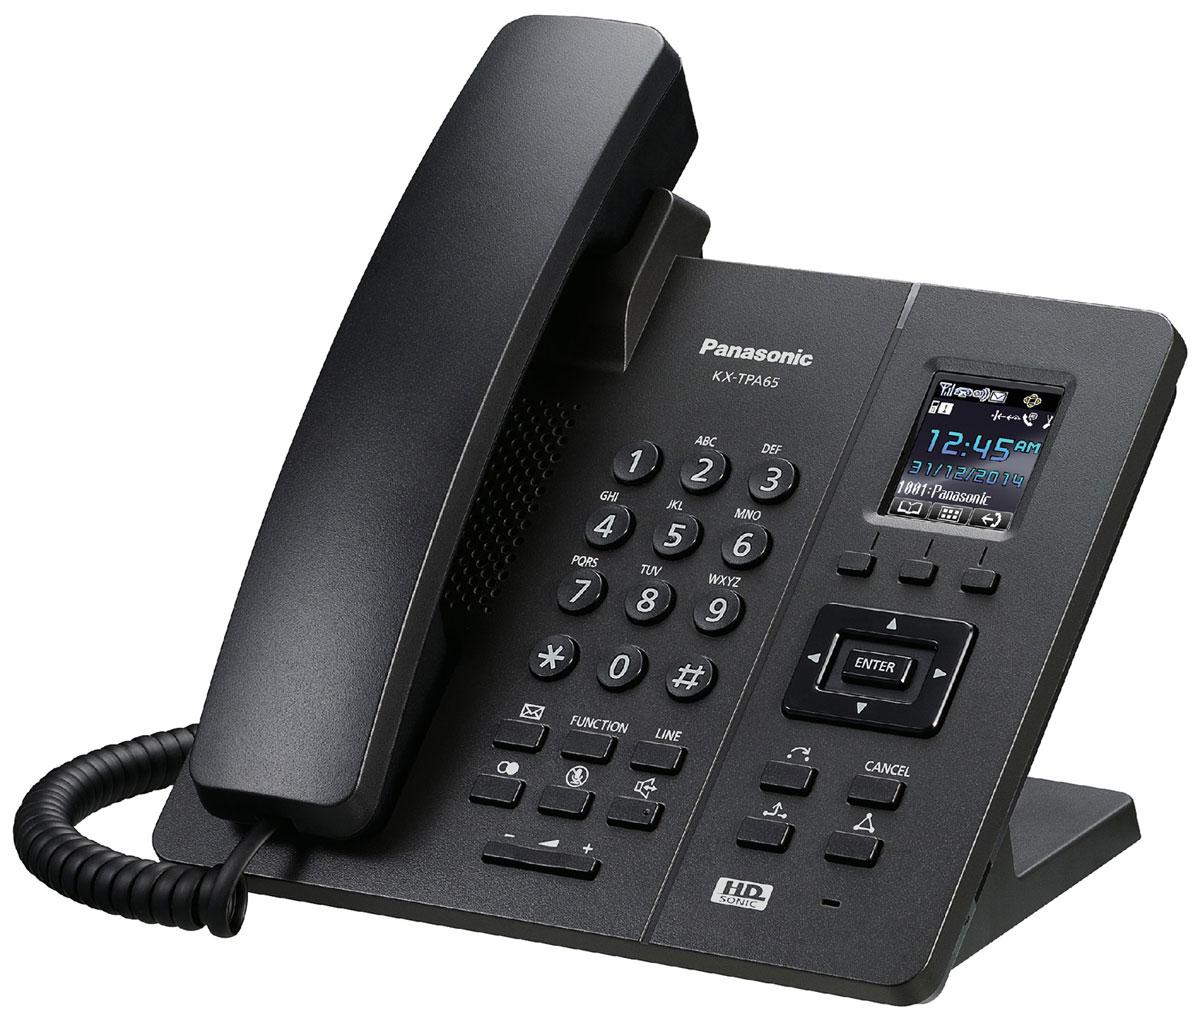 Panasonic KX-TPA65, Black DECT-телефонKX-TPA65RUBТрадиционная проводная телефония сегодня имеет целый ряд более удобных, качественных и, что особенно важно, доступных альтернатив. В их числе– голосовая связь, использующая SIP протокол. SIP-телефоны пользуются растущим спросом. Они представляют собой удобное оборудование, которое обеспечивает стабильную, качественную связь, а кроме того, дает возможность использовать целый ряд действительно полезных в офисе функций.SIP – это протокол передачи данных, который может использоваться для организации телефонной связи с помощью специальных приложений. На основе этого протокола может быть построена целая АТС. Сегодня данное решение считается одним из самых экономичных. Если в офисе используется SIP телефония, бесплатно могут осуществляться звонки между абонентами, использующими тот же протокол. Звонки на «городские», мобильные номера, абонентам в других городах и странах являются платными, однако их стоимость весьма доступна.SIP-телефон – это устройство, которое используется для голосовой связи с помощью протокола SIP. Самые простые модели подключаются непосредственно к компьютеру или роутеру. Более сложные решения, обладающие расширенной функциональностью, могут использоваться в составе офисных АТС и, соответственно, решать целый ряд дополнительных задач.Телефоны подключаются непосредственно к сети Интернет и обеспечивают удобную и экономичную связь поSIP-протоколу. Независимо от того, где установлены телефоны – в одном здании или в разных городах – организовать офисную или корпоративную телефонную связь будет просто. Достаточно подключить телефоны к Интернету или роутеру, настроить параметры учетной записи SIP, и система будет готова к использованию. Поддержка стандарта DECT уSIP-DECT телефонов дает возможность свободно перемещаться по офису или дому, не прерывая разговора. Вы можете организовать работу компании без дополнительного оборудования. Подключив терминалы непосредственно к операторам, Вы получаете широкий набор ф